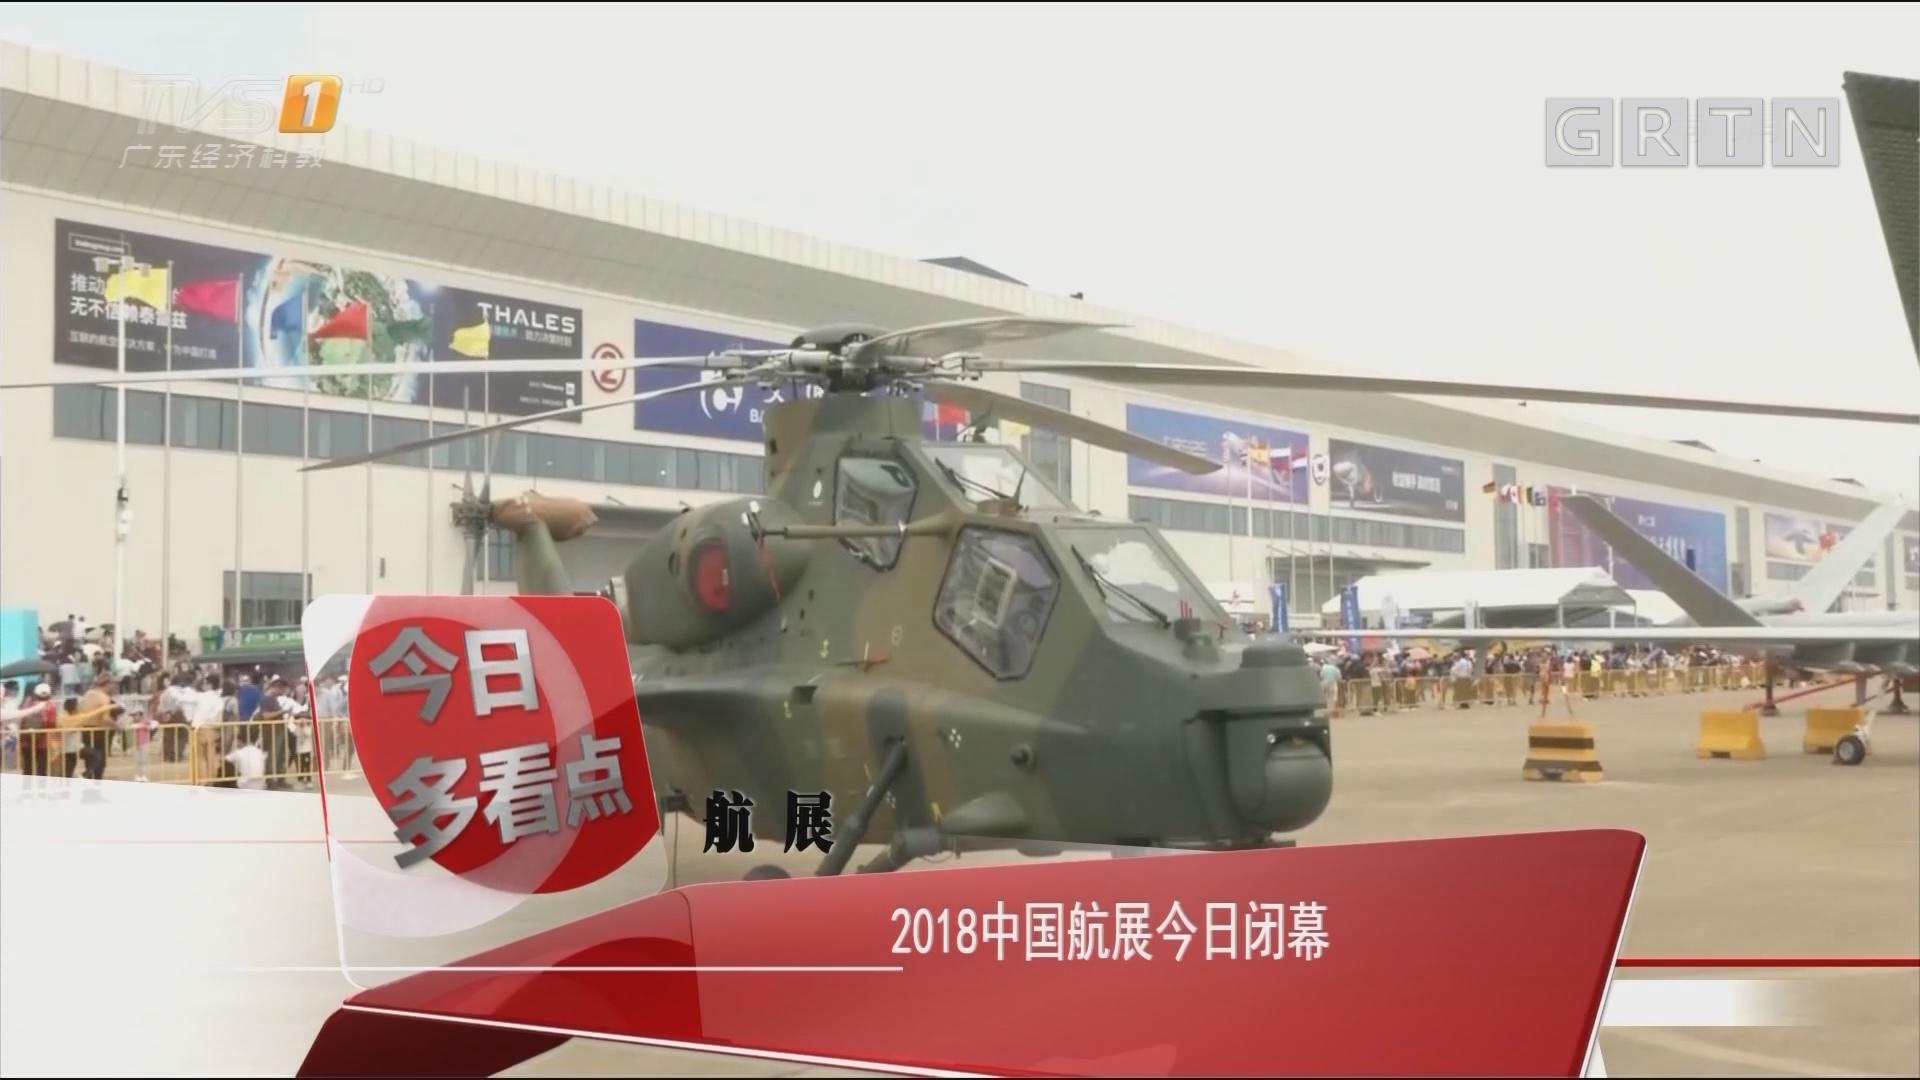 航展:2018中国航展今日闭幕